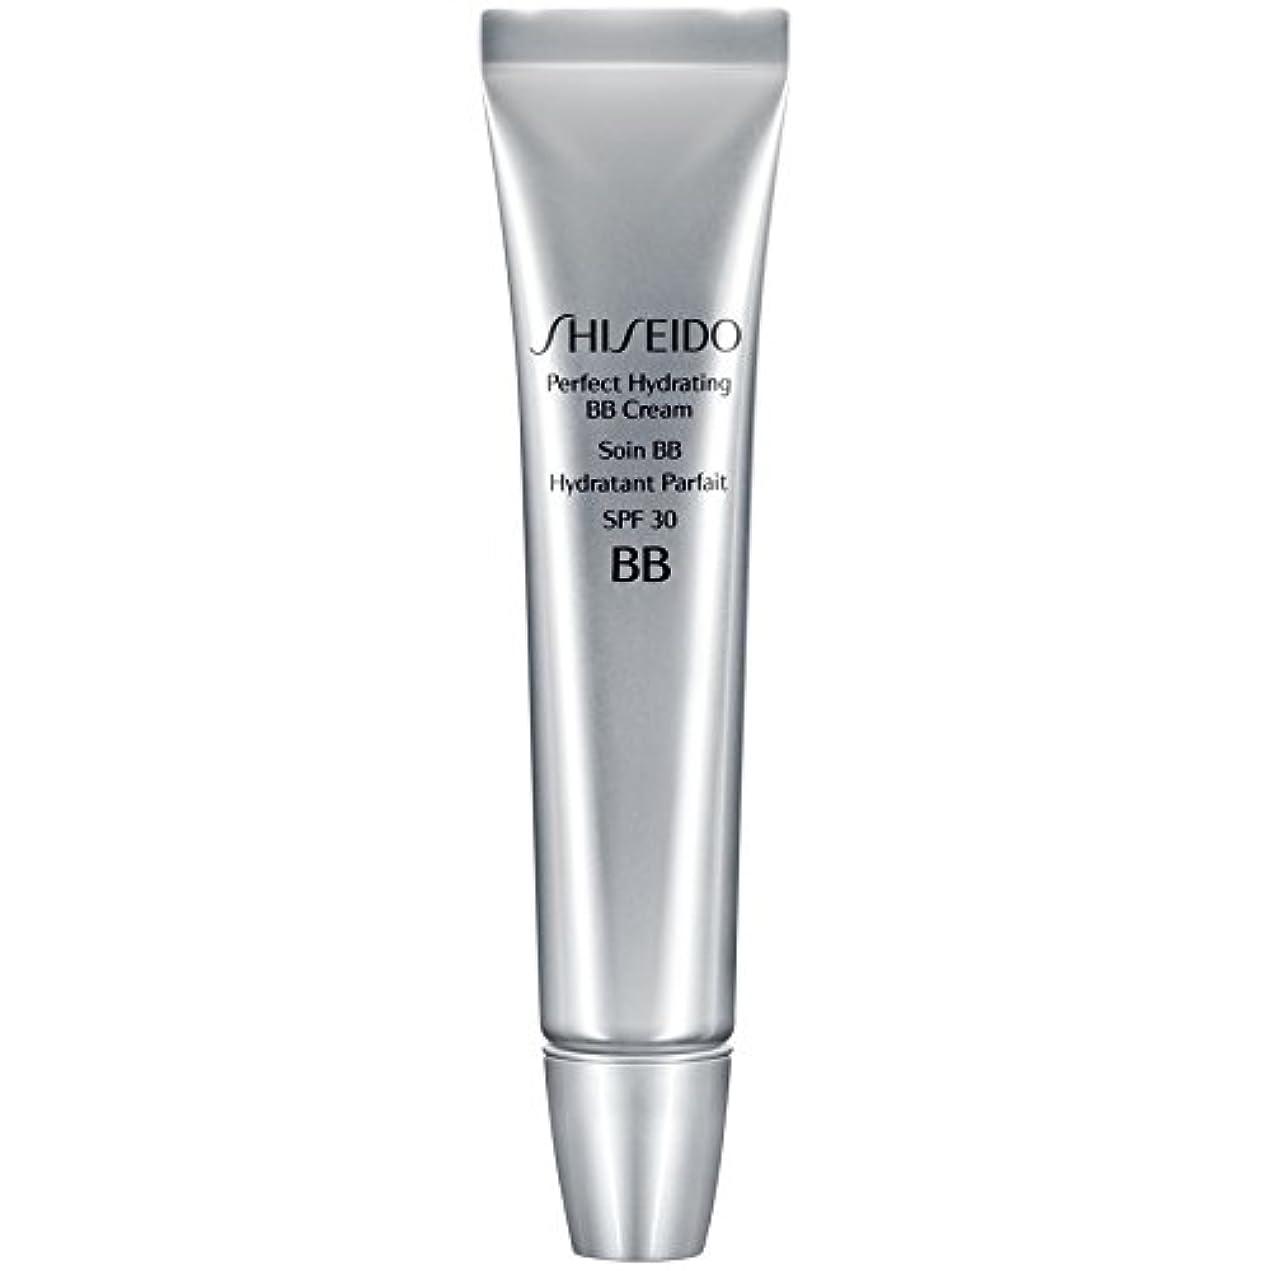 最小化するおっと浸食[Shiseido ] 資生堂完璧な水和BbクリームSpf 30 30ミリリットルの暗いです - Shiseido Perfect Hydrating BB Cream SPF 30 30ml Dark [並行輸入品]